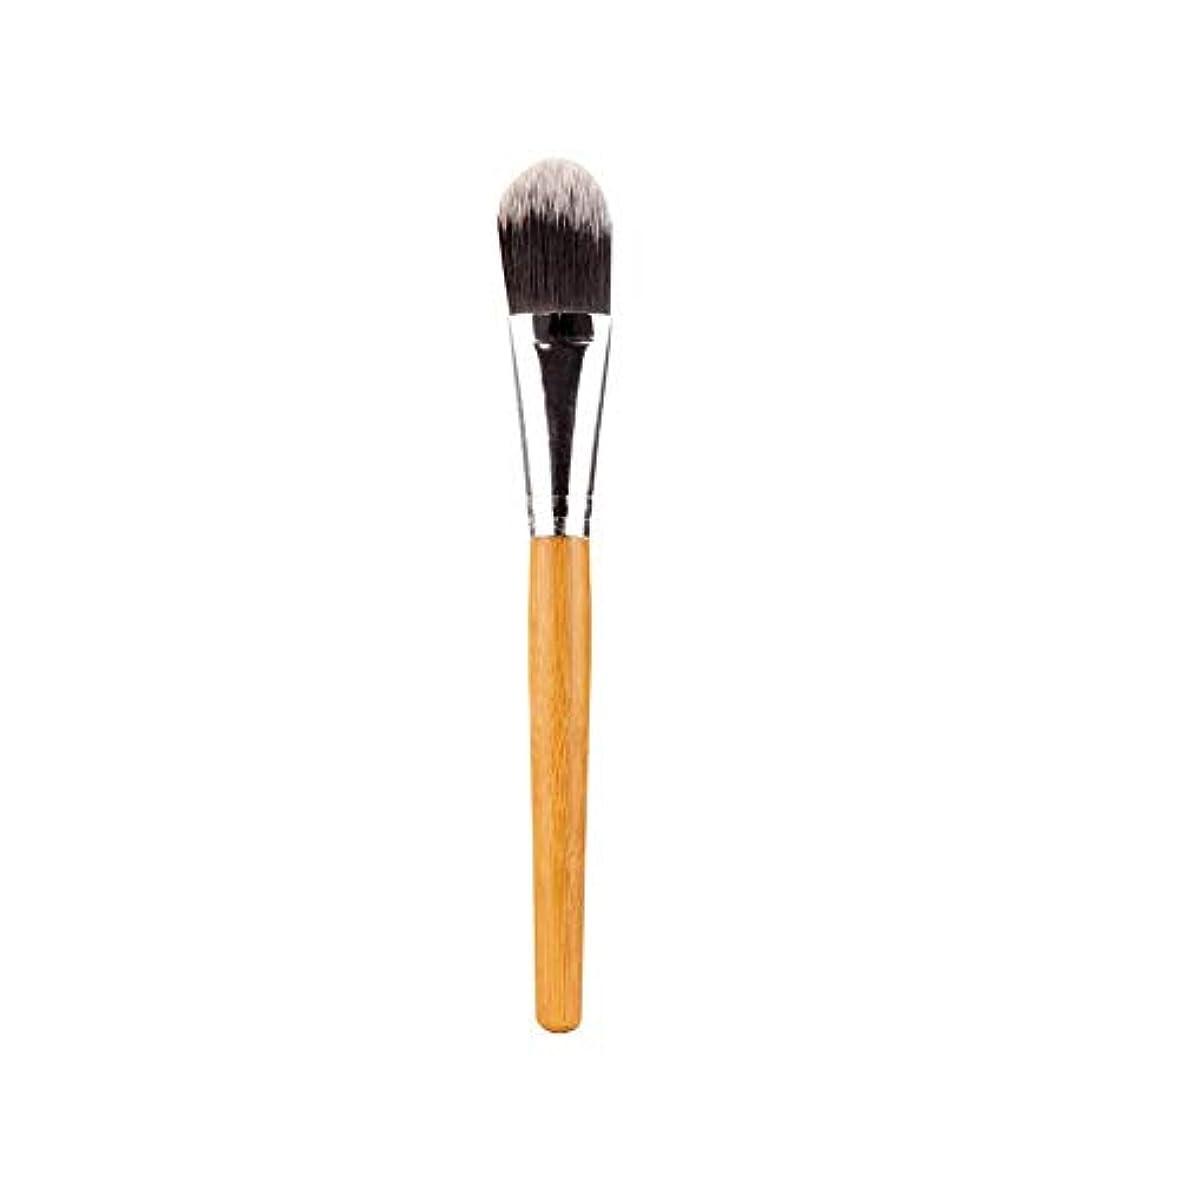 エレベーター列車わかるAEdiea 新しい セクシー 女性 化粧品 ツール 竹 ハンドル フェイシャル マスク ブラシ 化粧 ブラシ